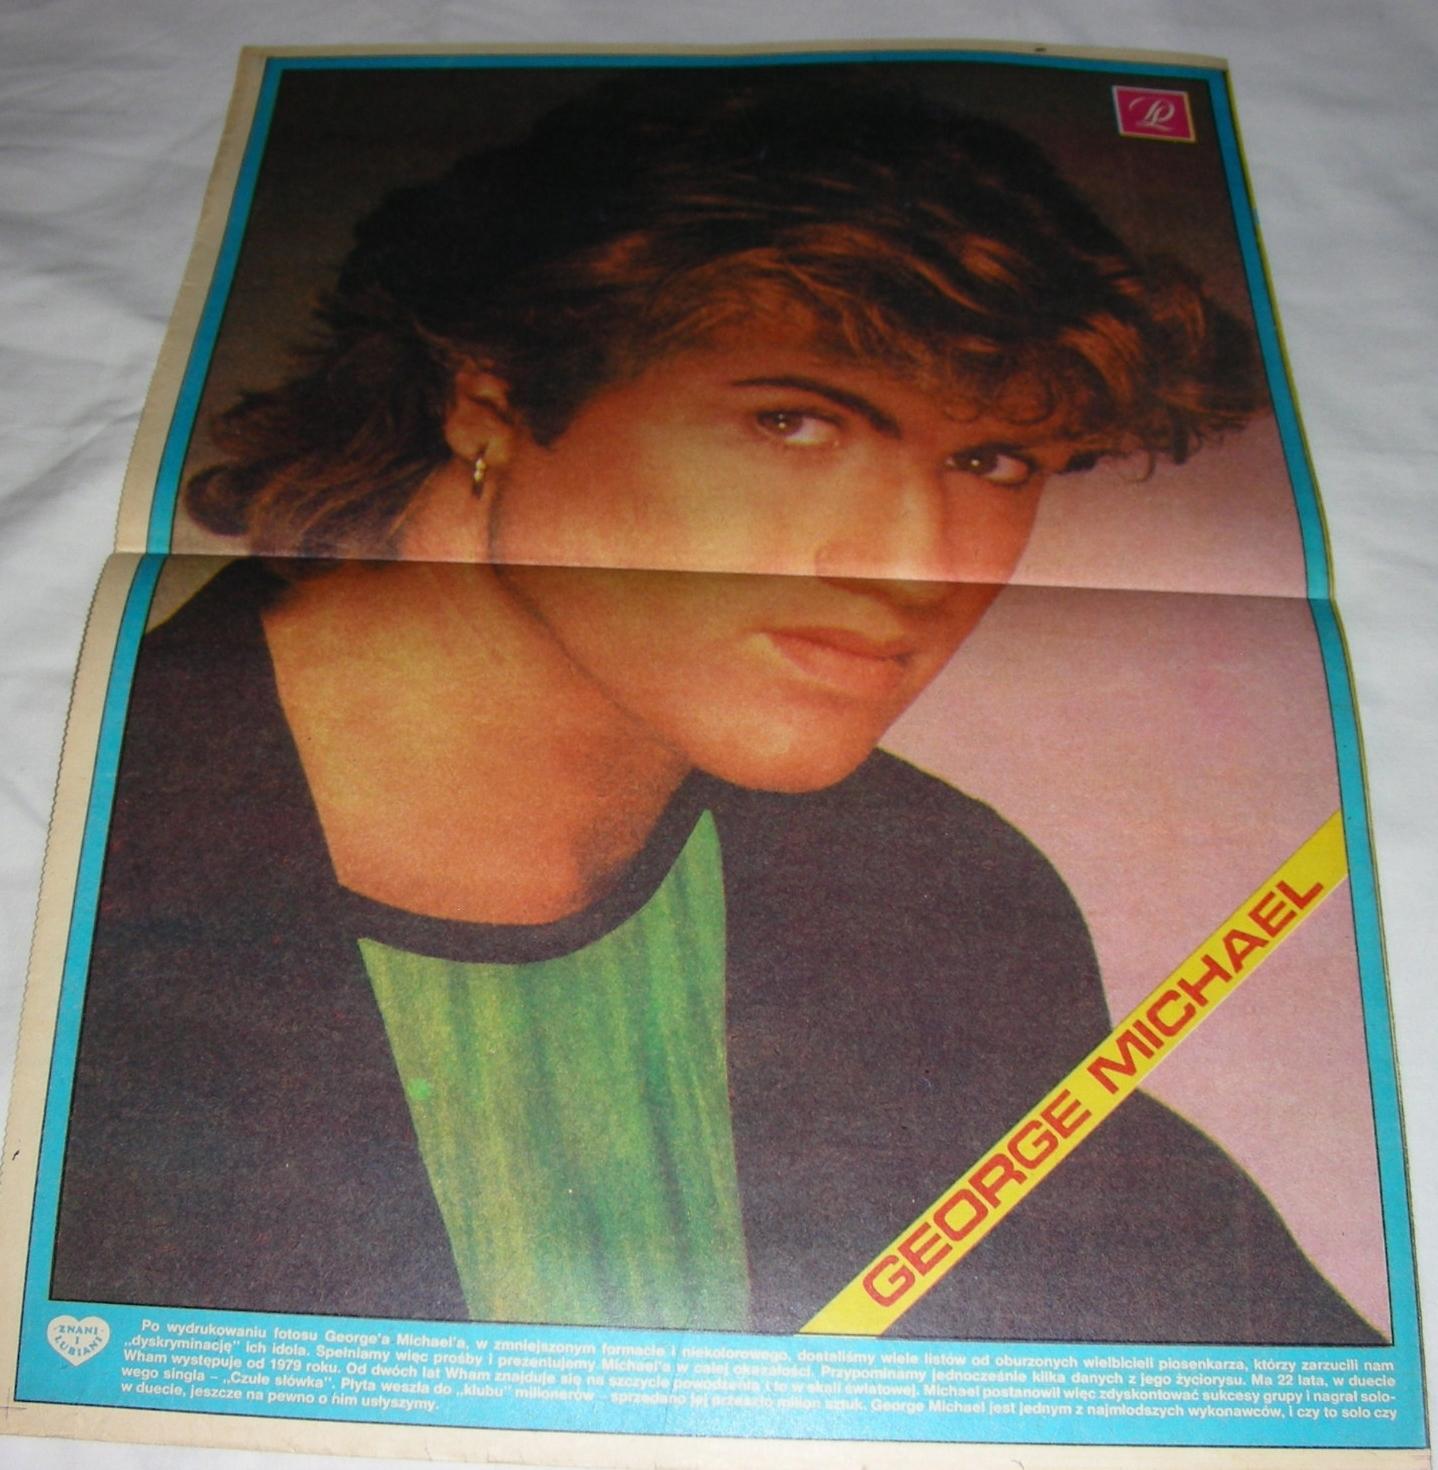 Dziennik Ludowy Dodatek Plakat George Michael